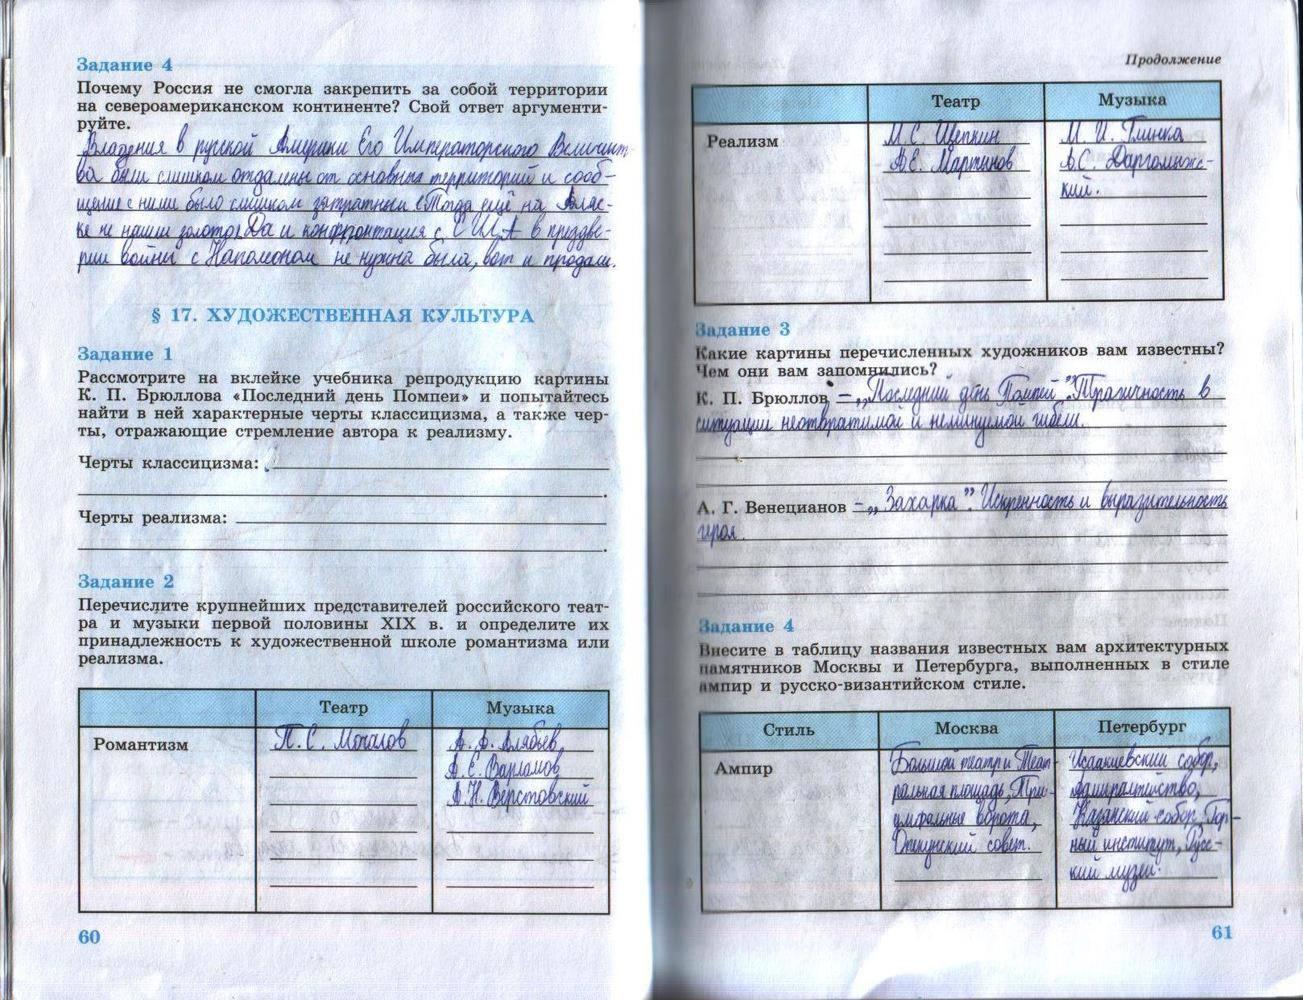 Гдз за 8 класс по истории россии рабочая тетрадь данилов косулина